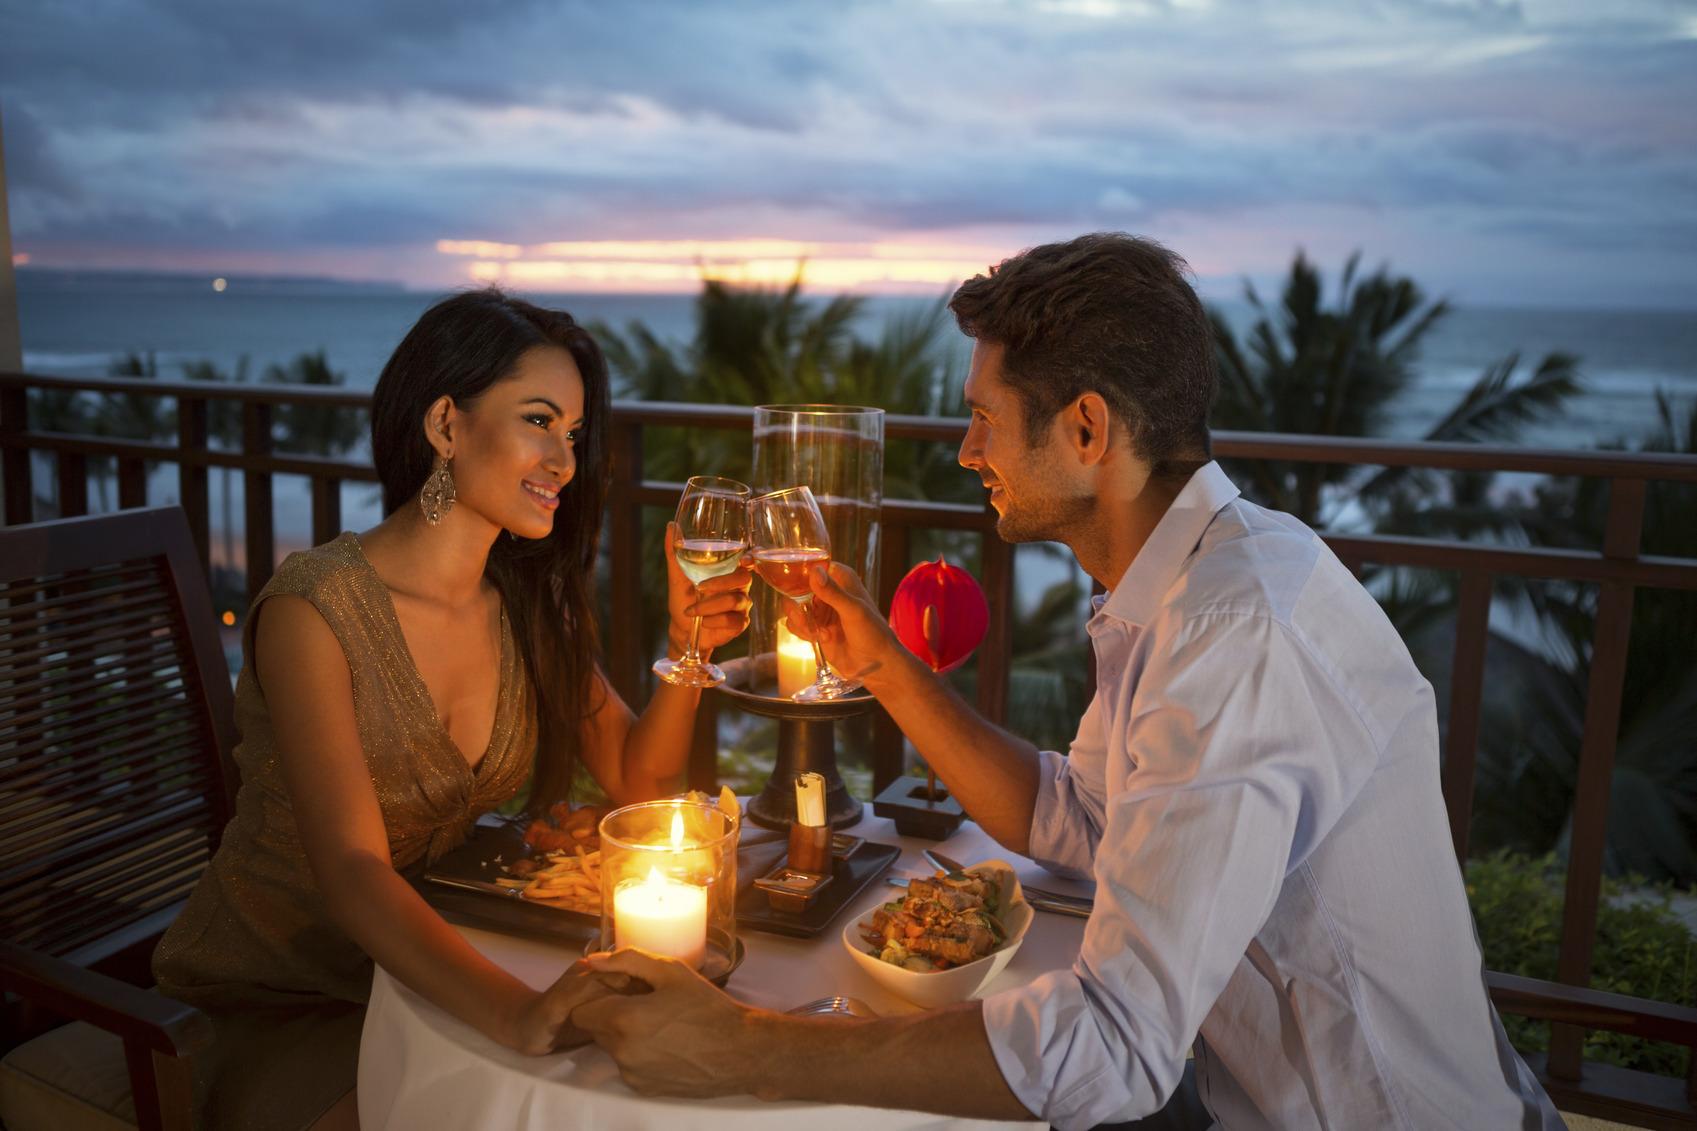 randki międzyrasowe w innych krajach